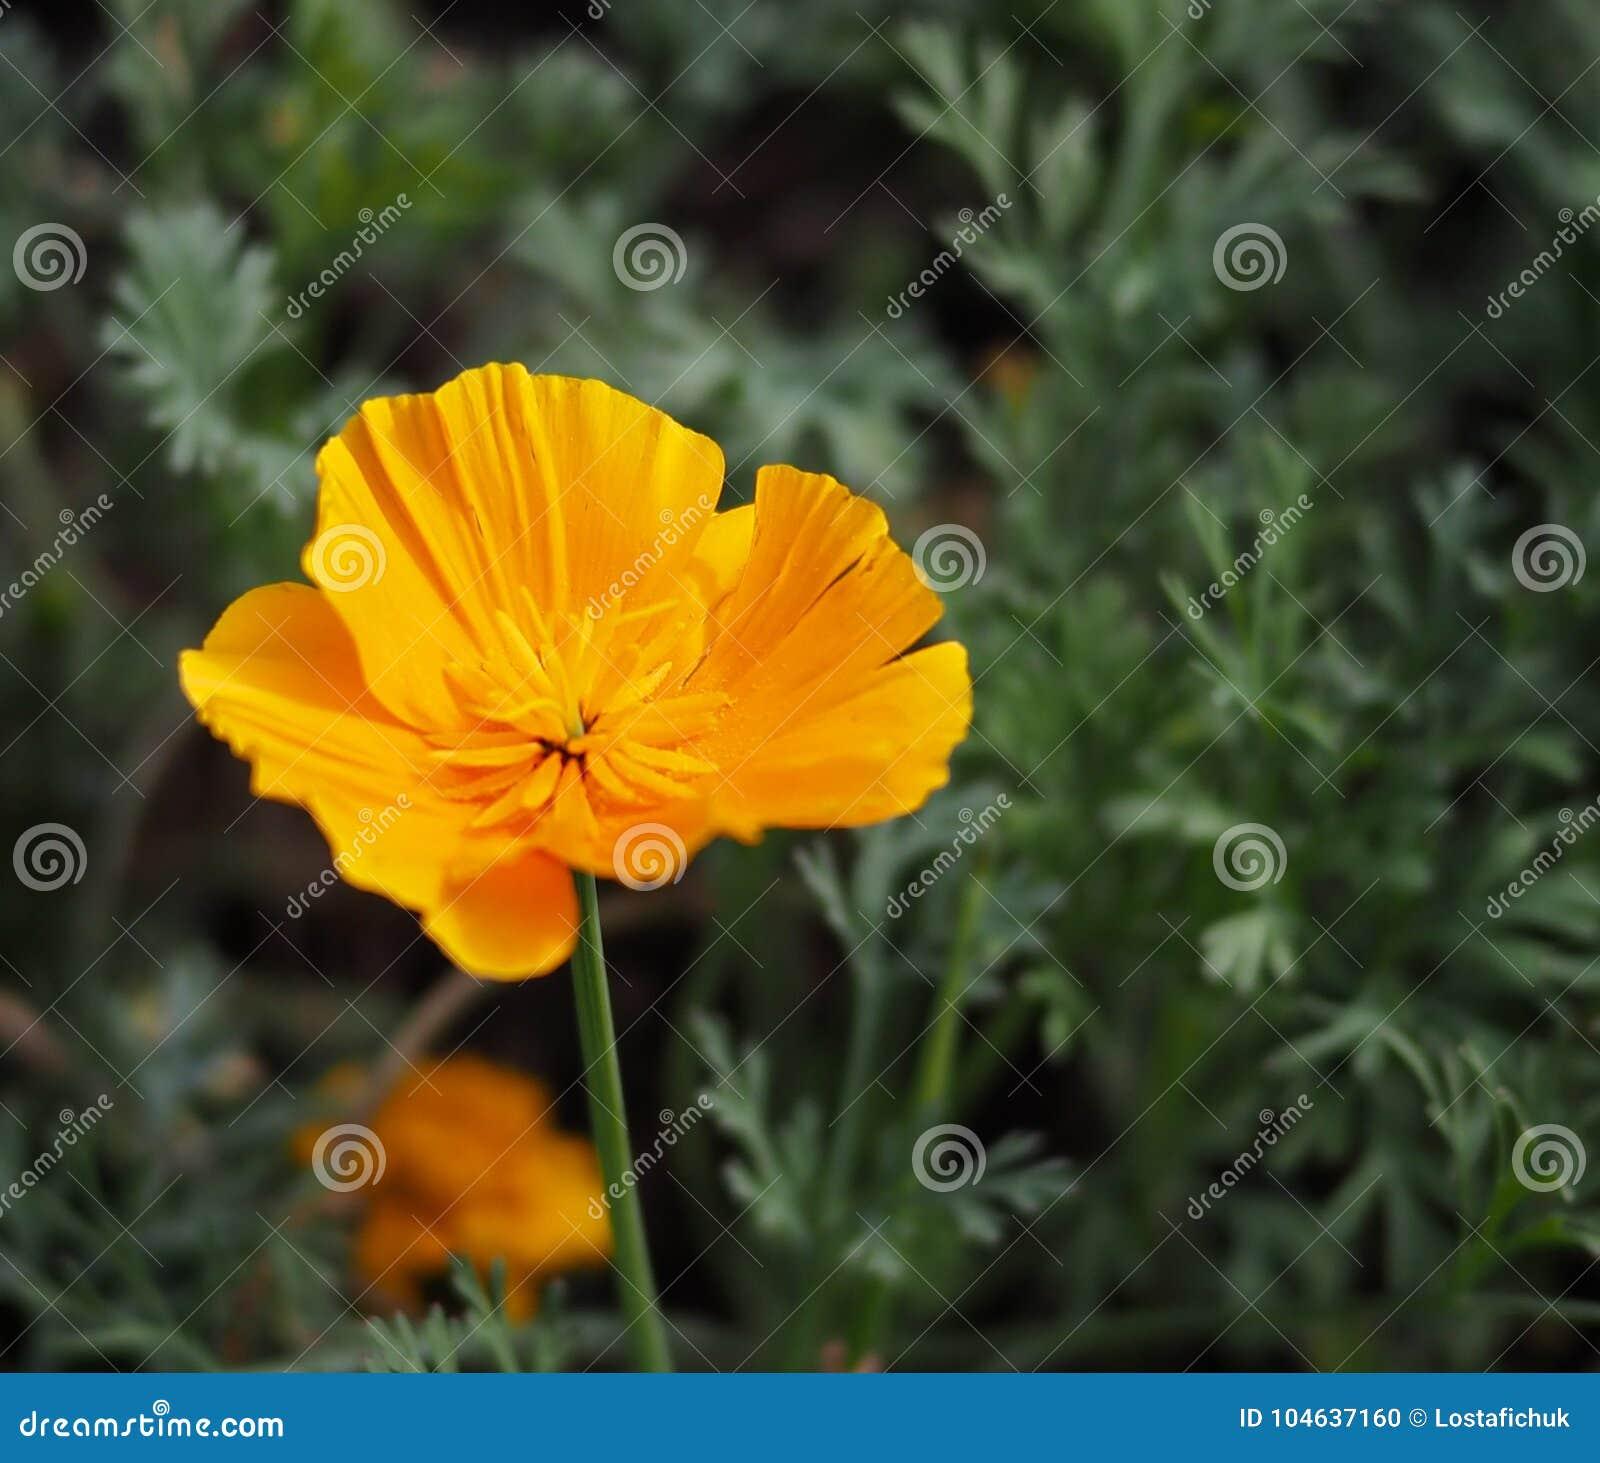 Download De Bloei Van Californië Poppy Or Eschscholzia Californica In Stock Foto - Afbeelding bestaande uit californië, anthers: 104637160